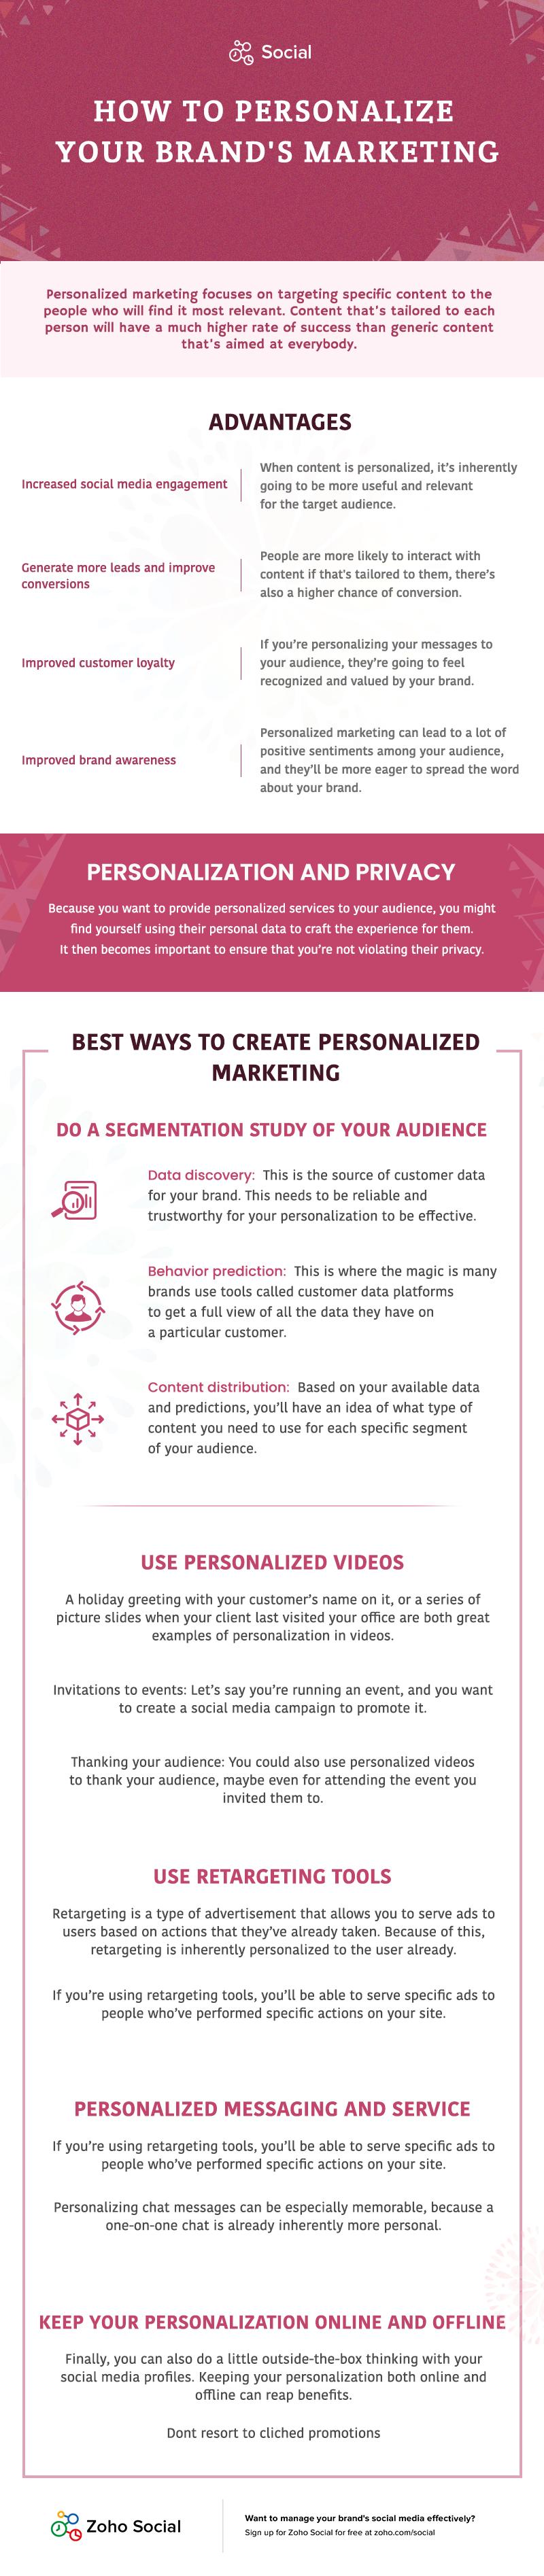 Personaliszation_marketing_business